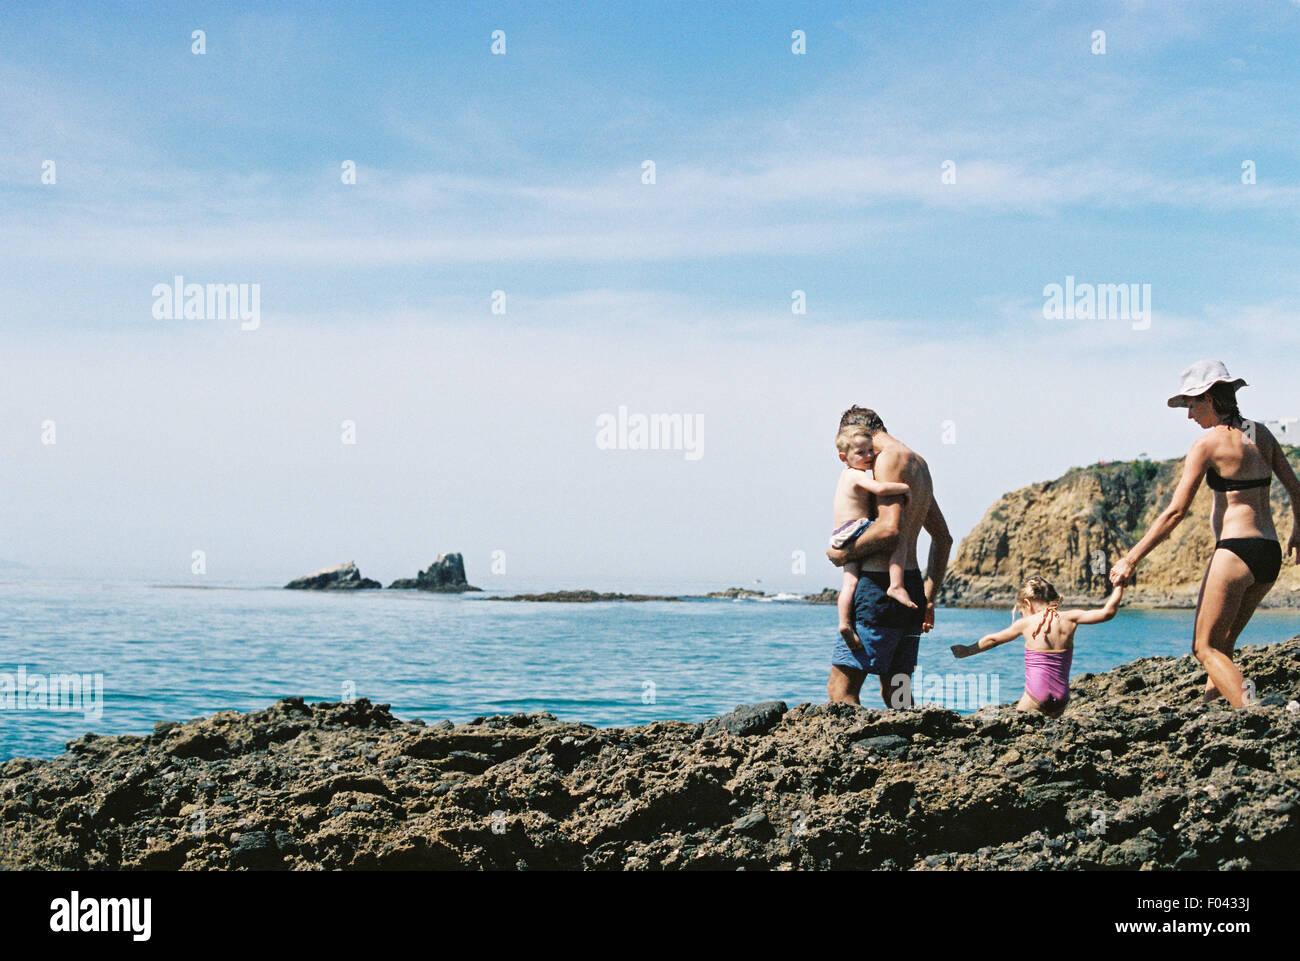 Una famiglia in vacanza, due adulti con il loro figlio e figlia camminando attraverso le rocce dall'oceano. Immagini Stock